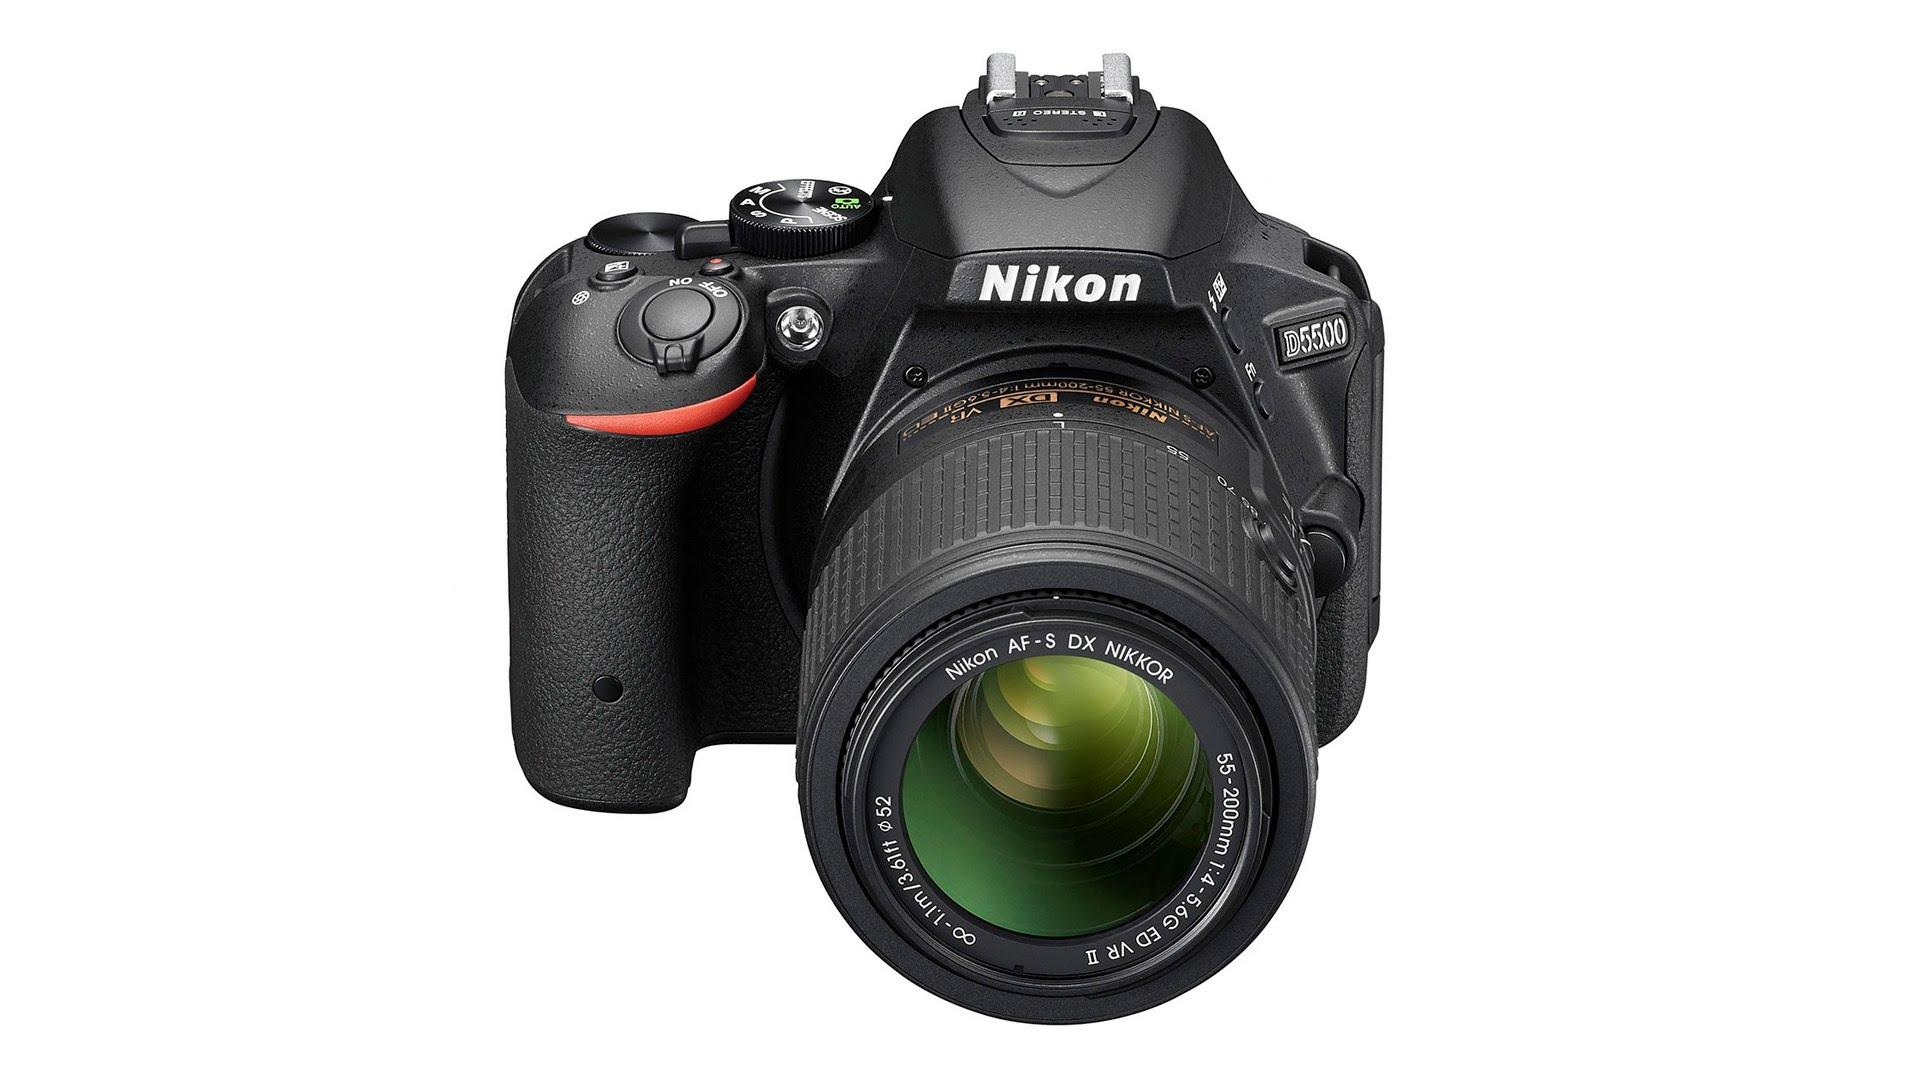 Nikon D5600 DSLR fotoğraf makinesi yakında duyurulacak